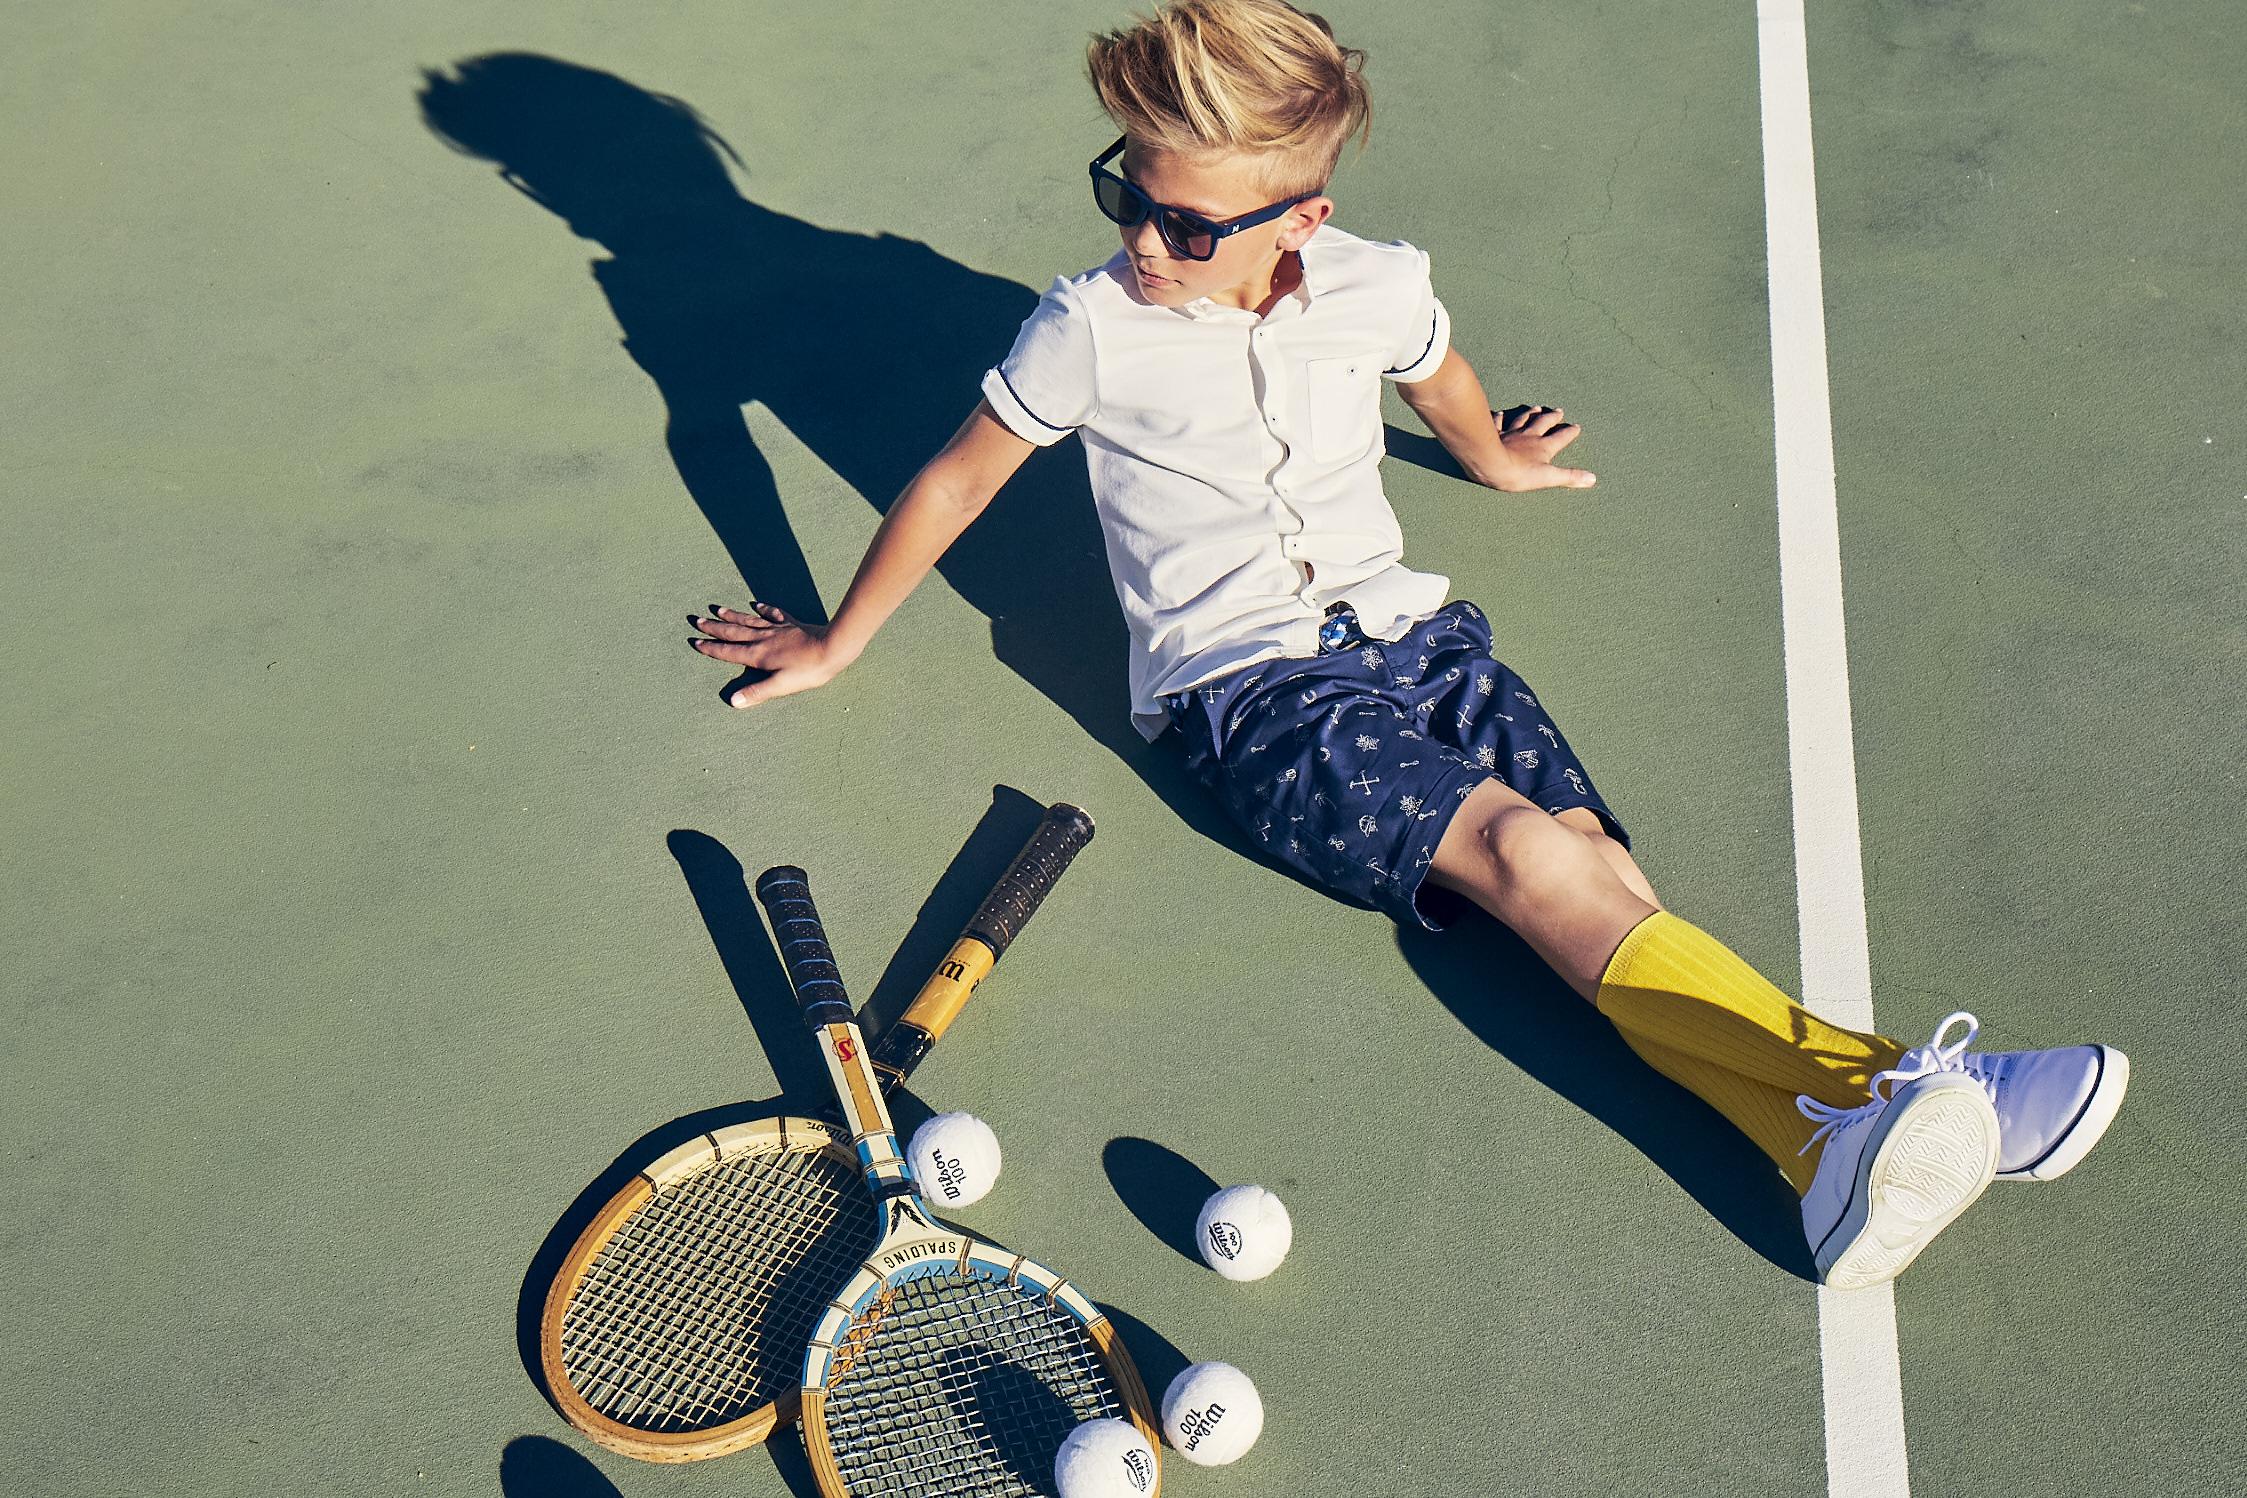 19_tennis1_1954.jpg